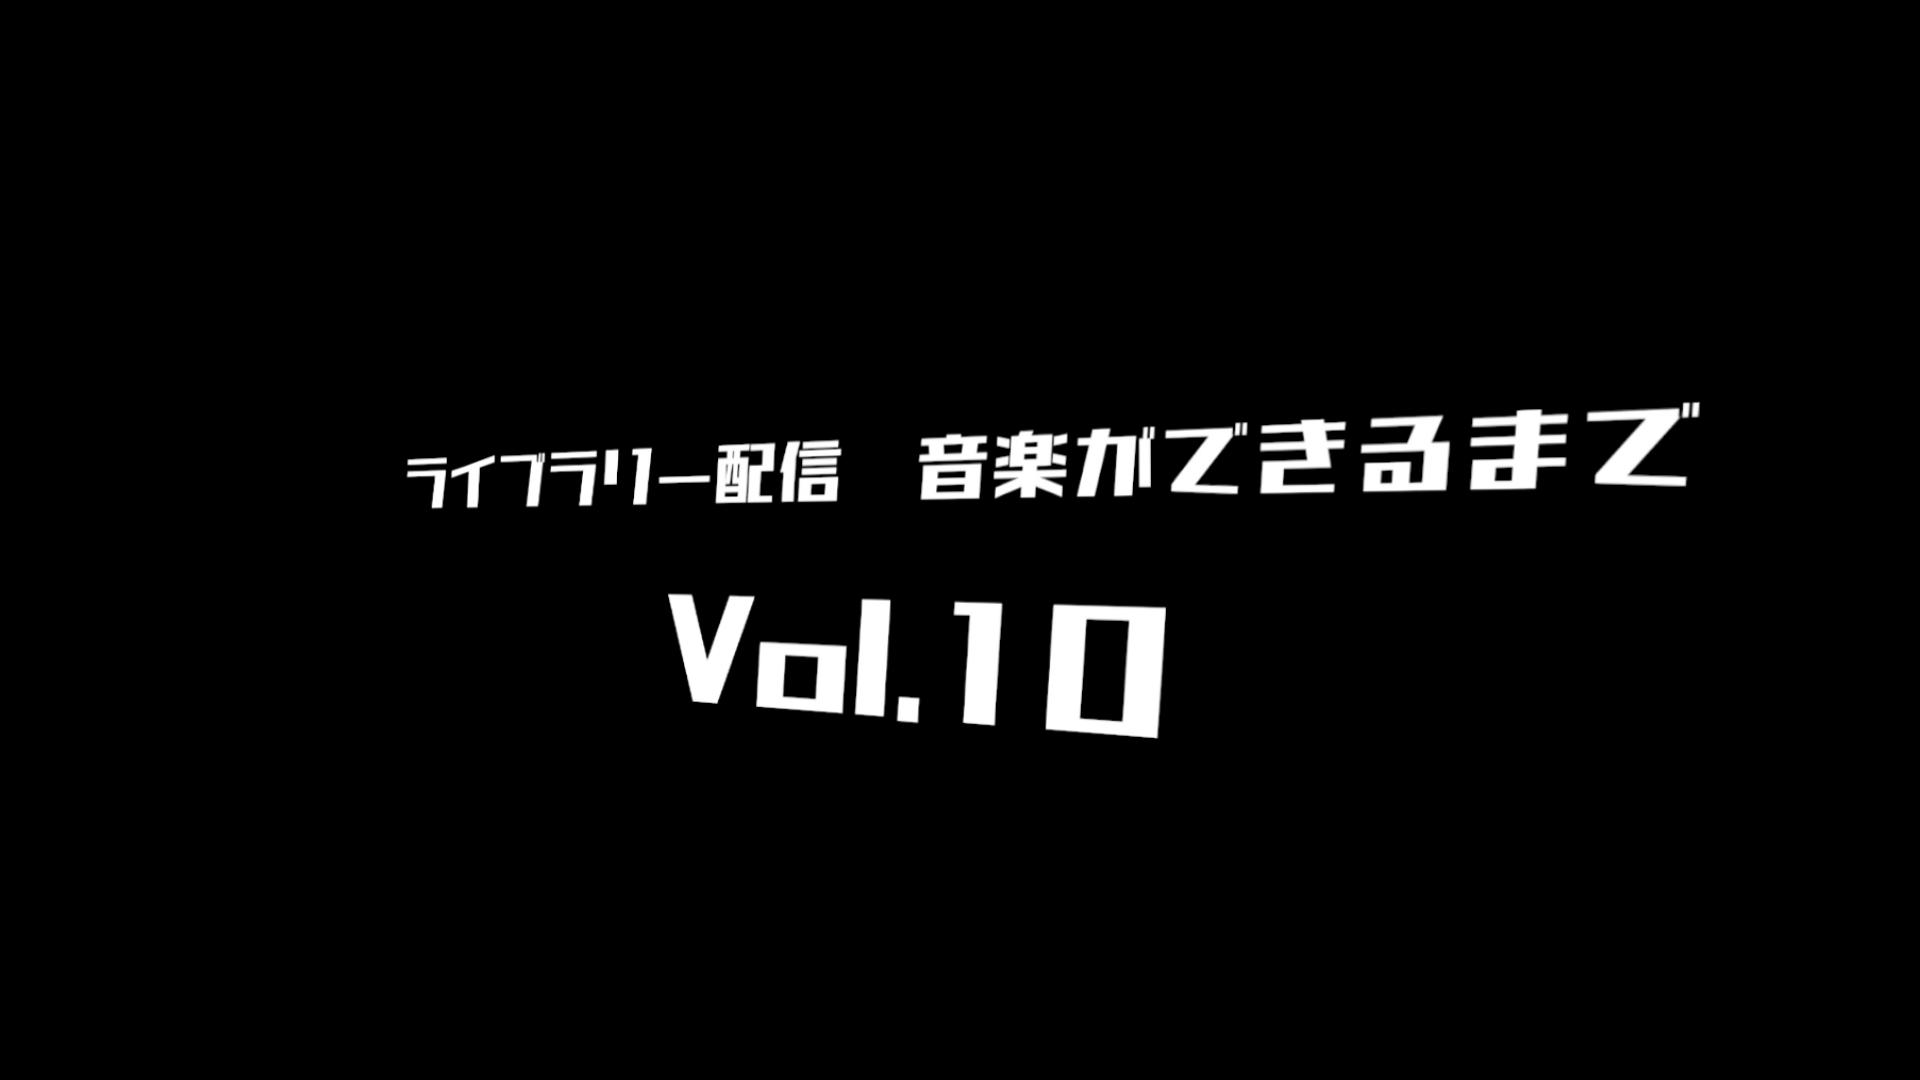 ~音楽ができるまで~ vol.10